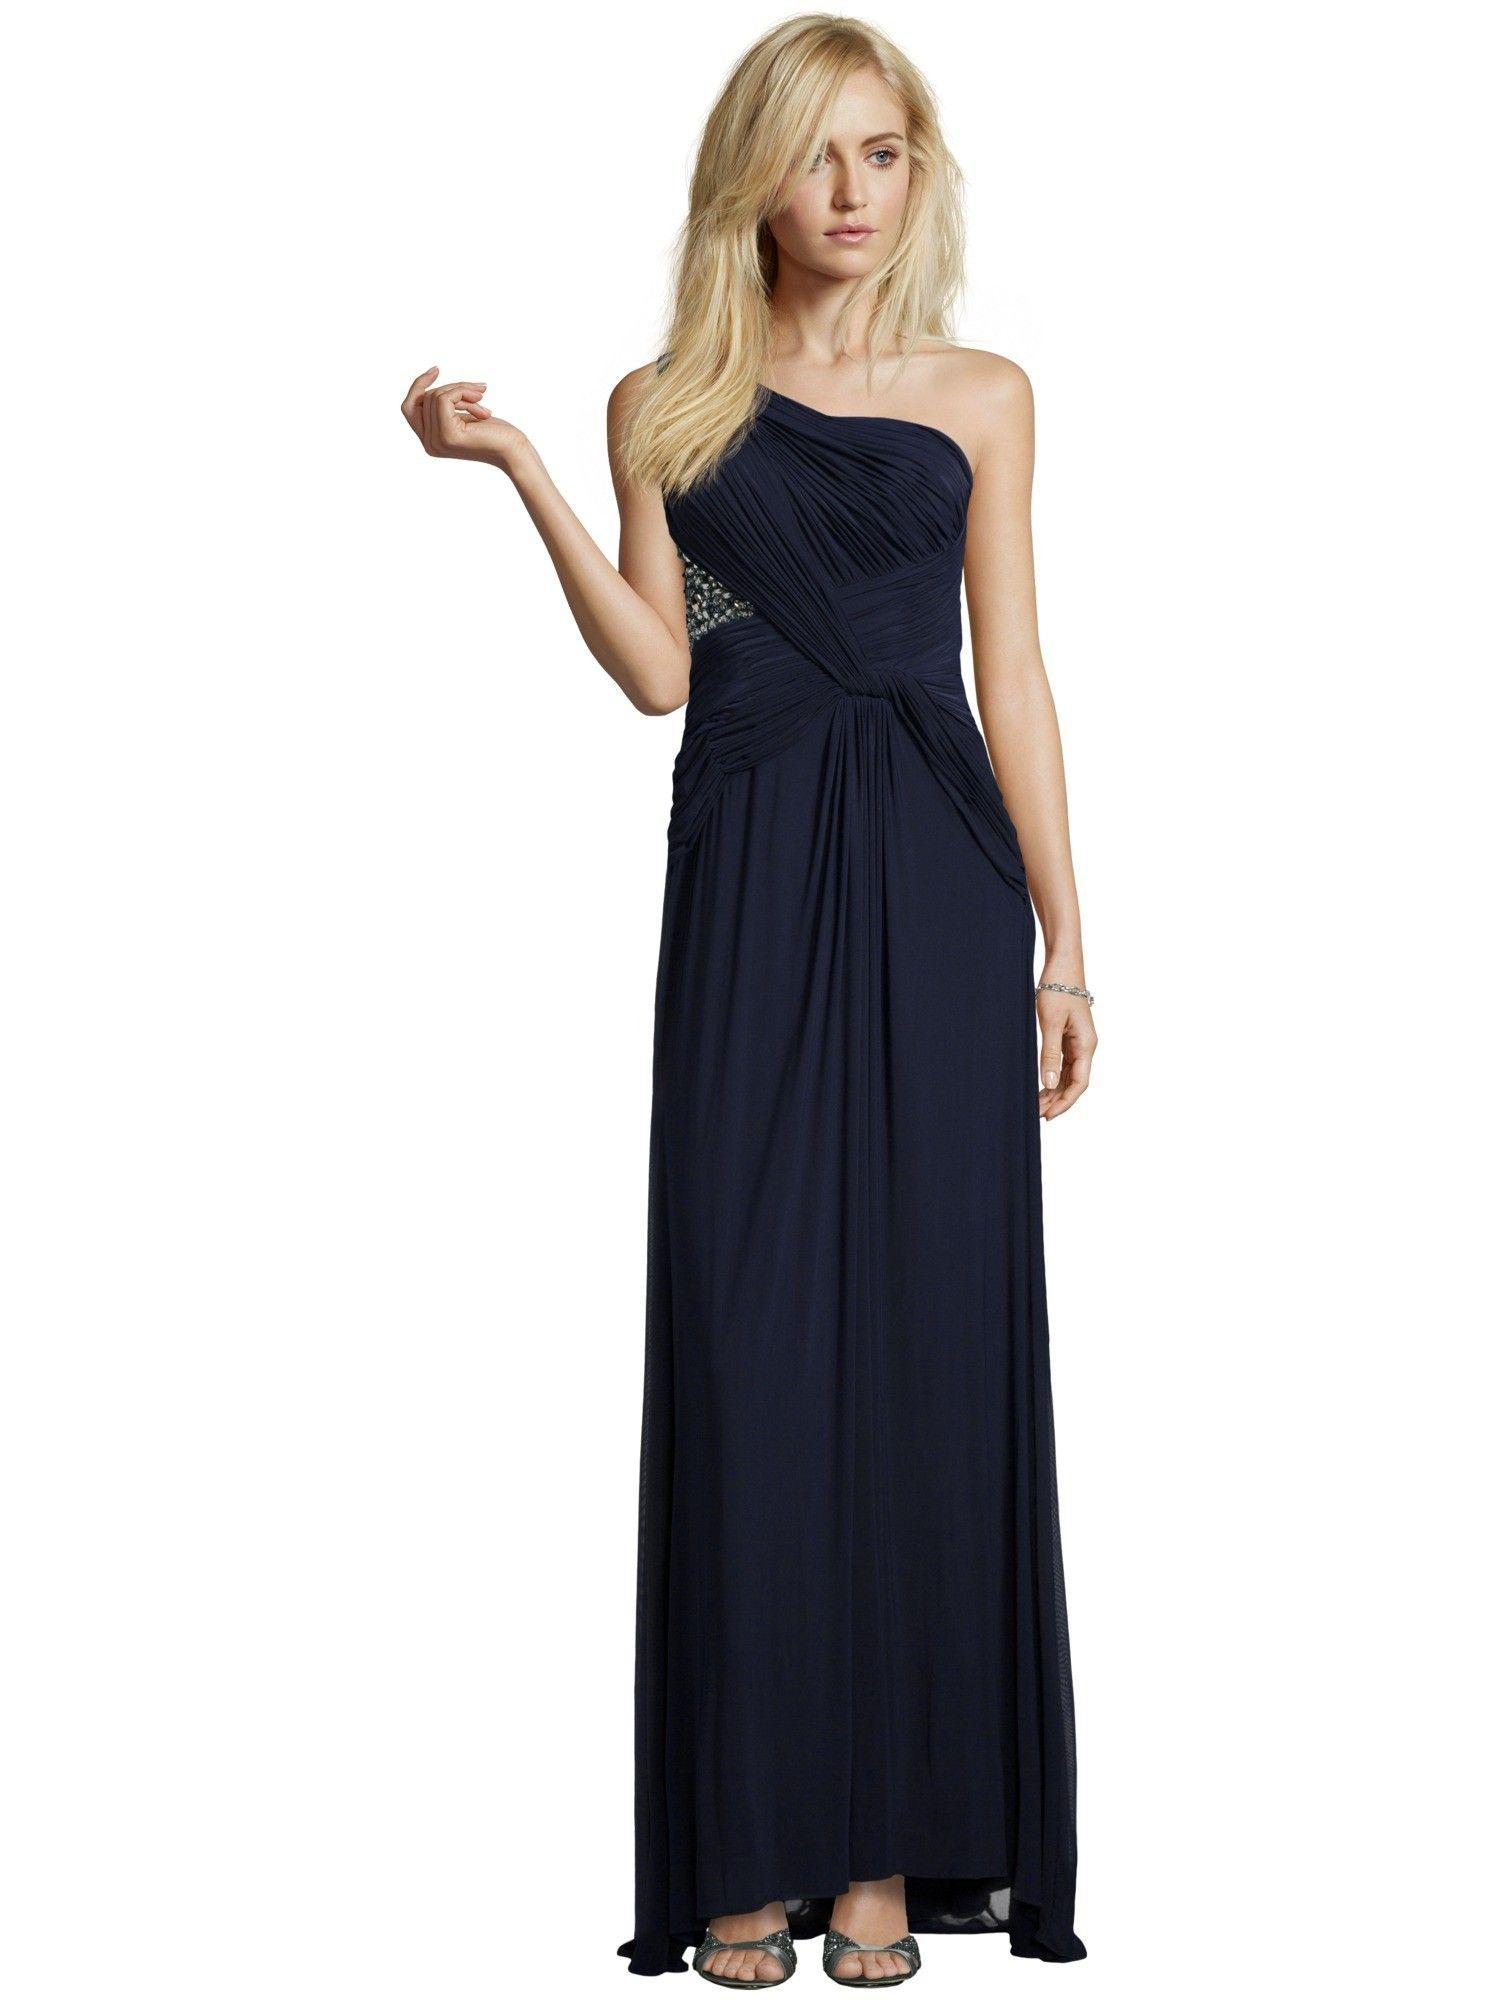 17 Einzigartig P&C Abendkleid Dunkelblau Boutique13 Leicht P&C Abendkleid Dunkelblau Vertrieb